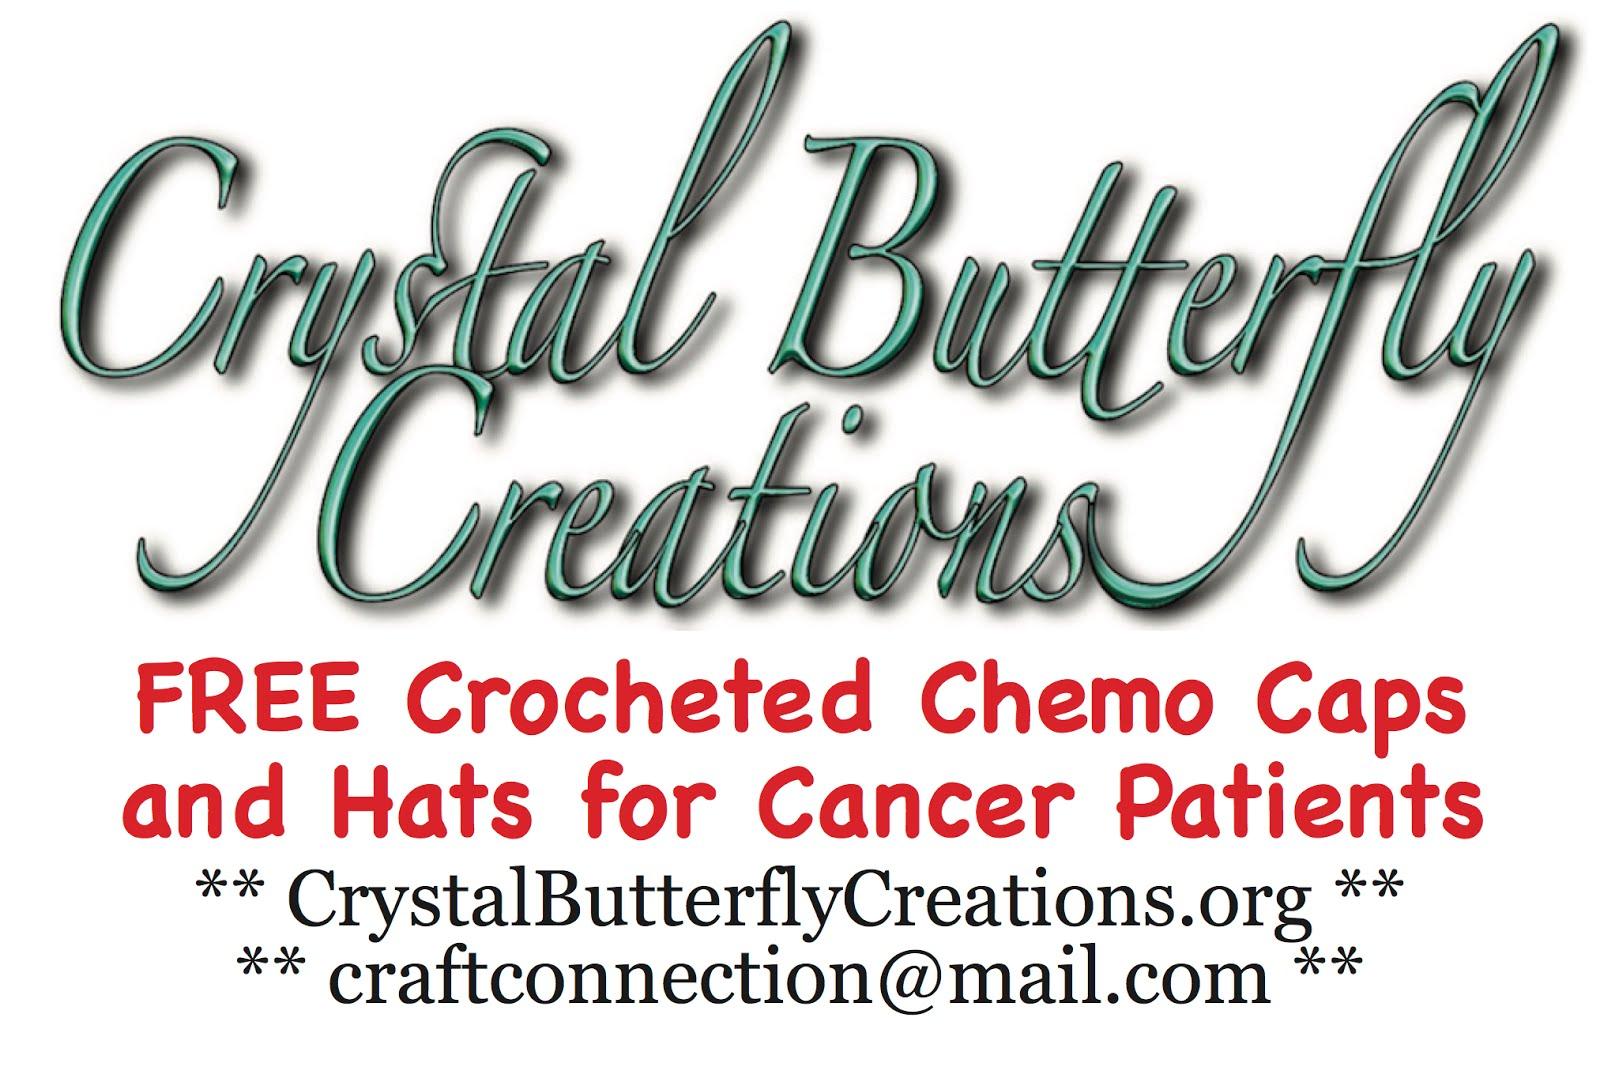 FREE Chemo Caps & Hats